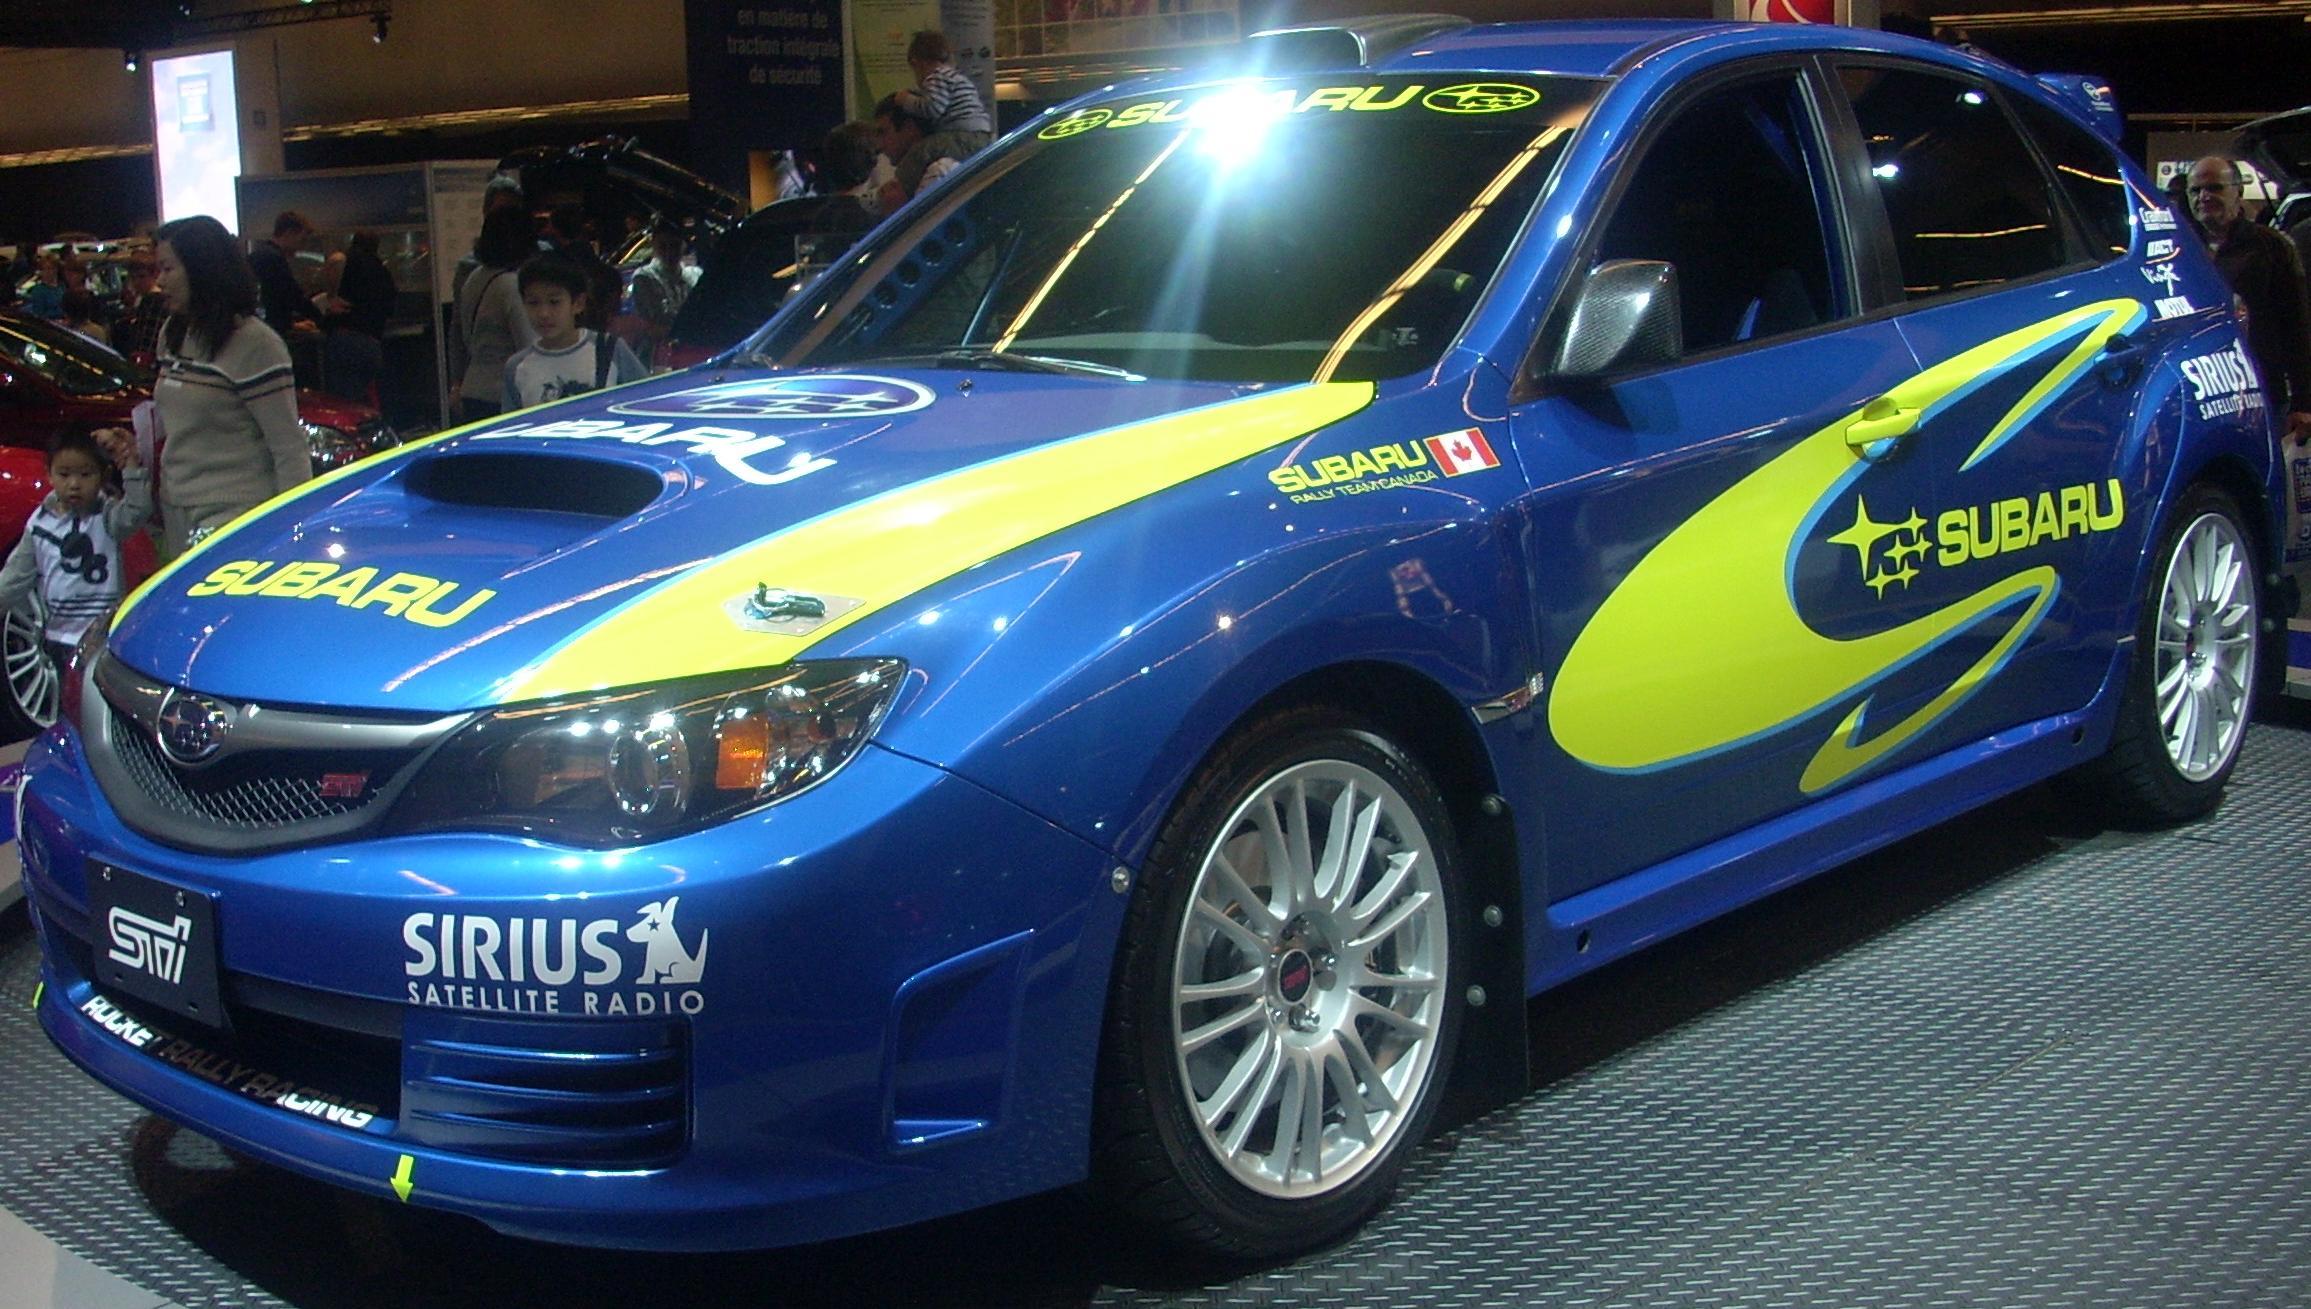 File 09 Subaru Impreza Wrx Sti Wrc Mias Jpg Wikimedia